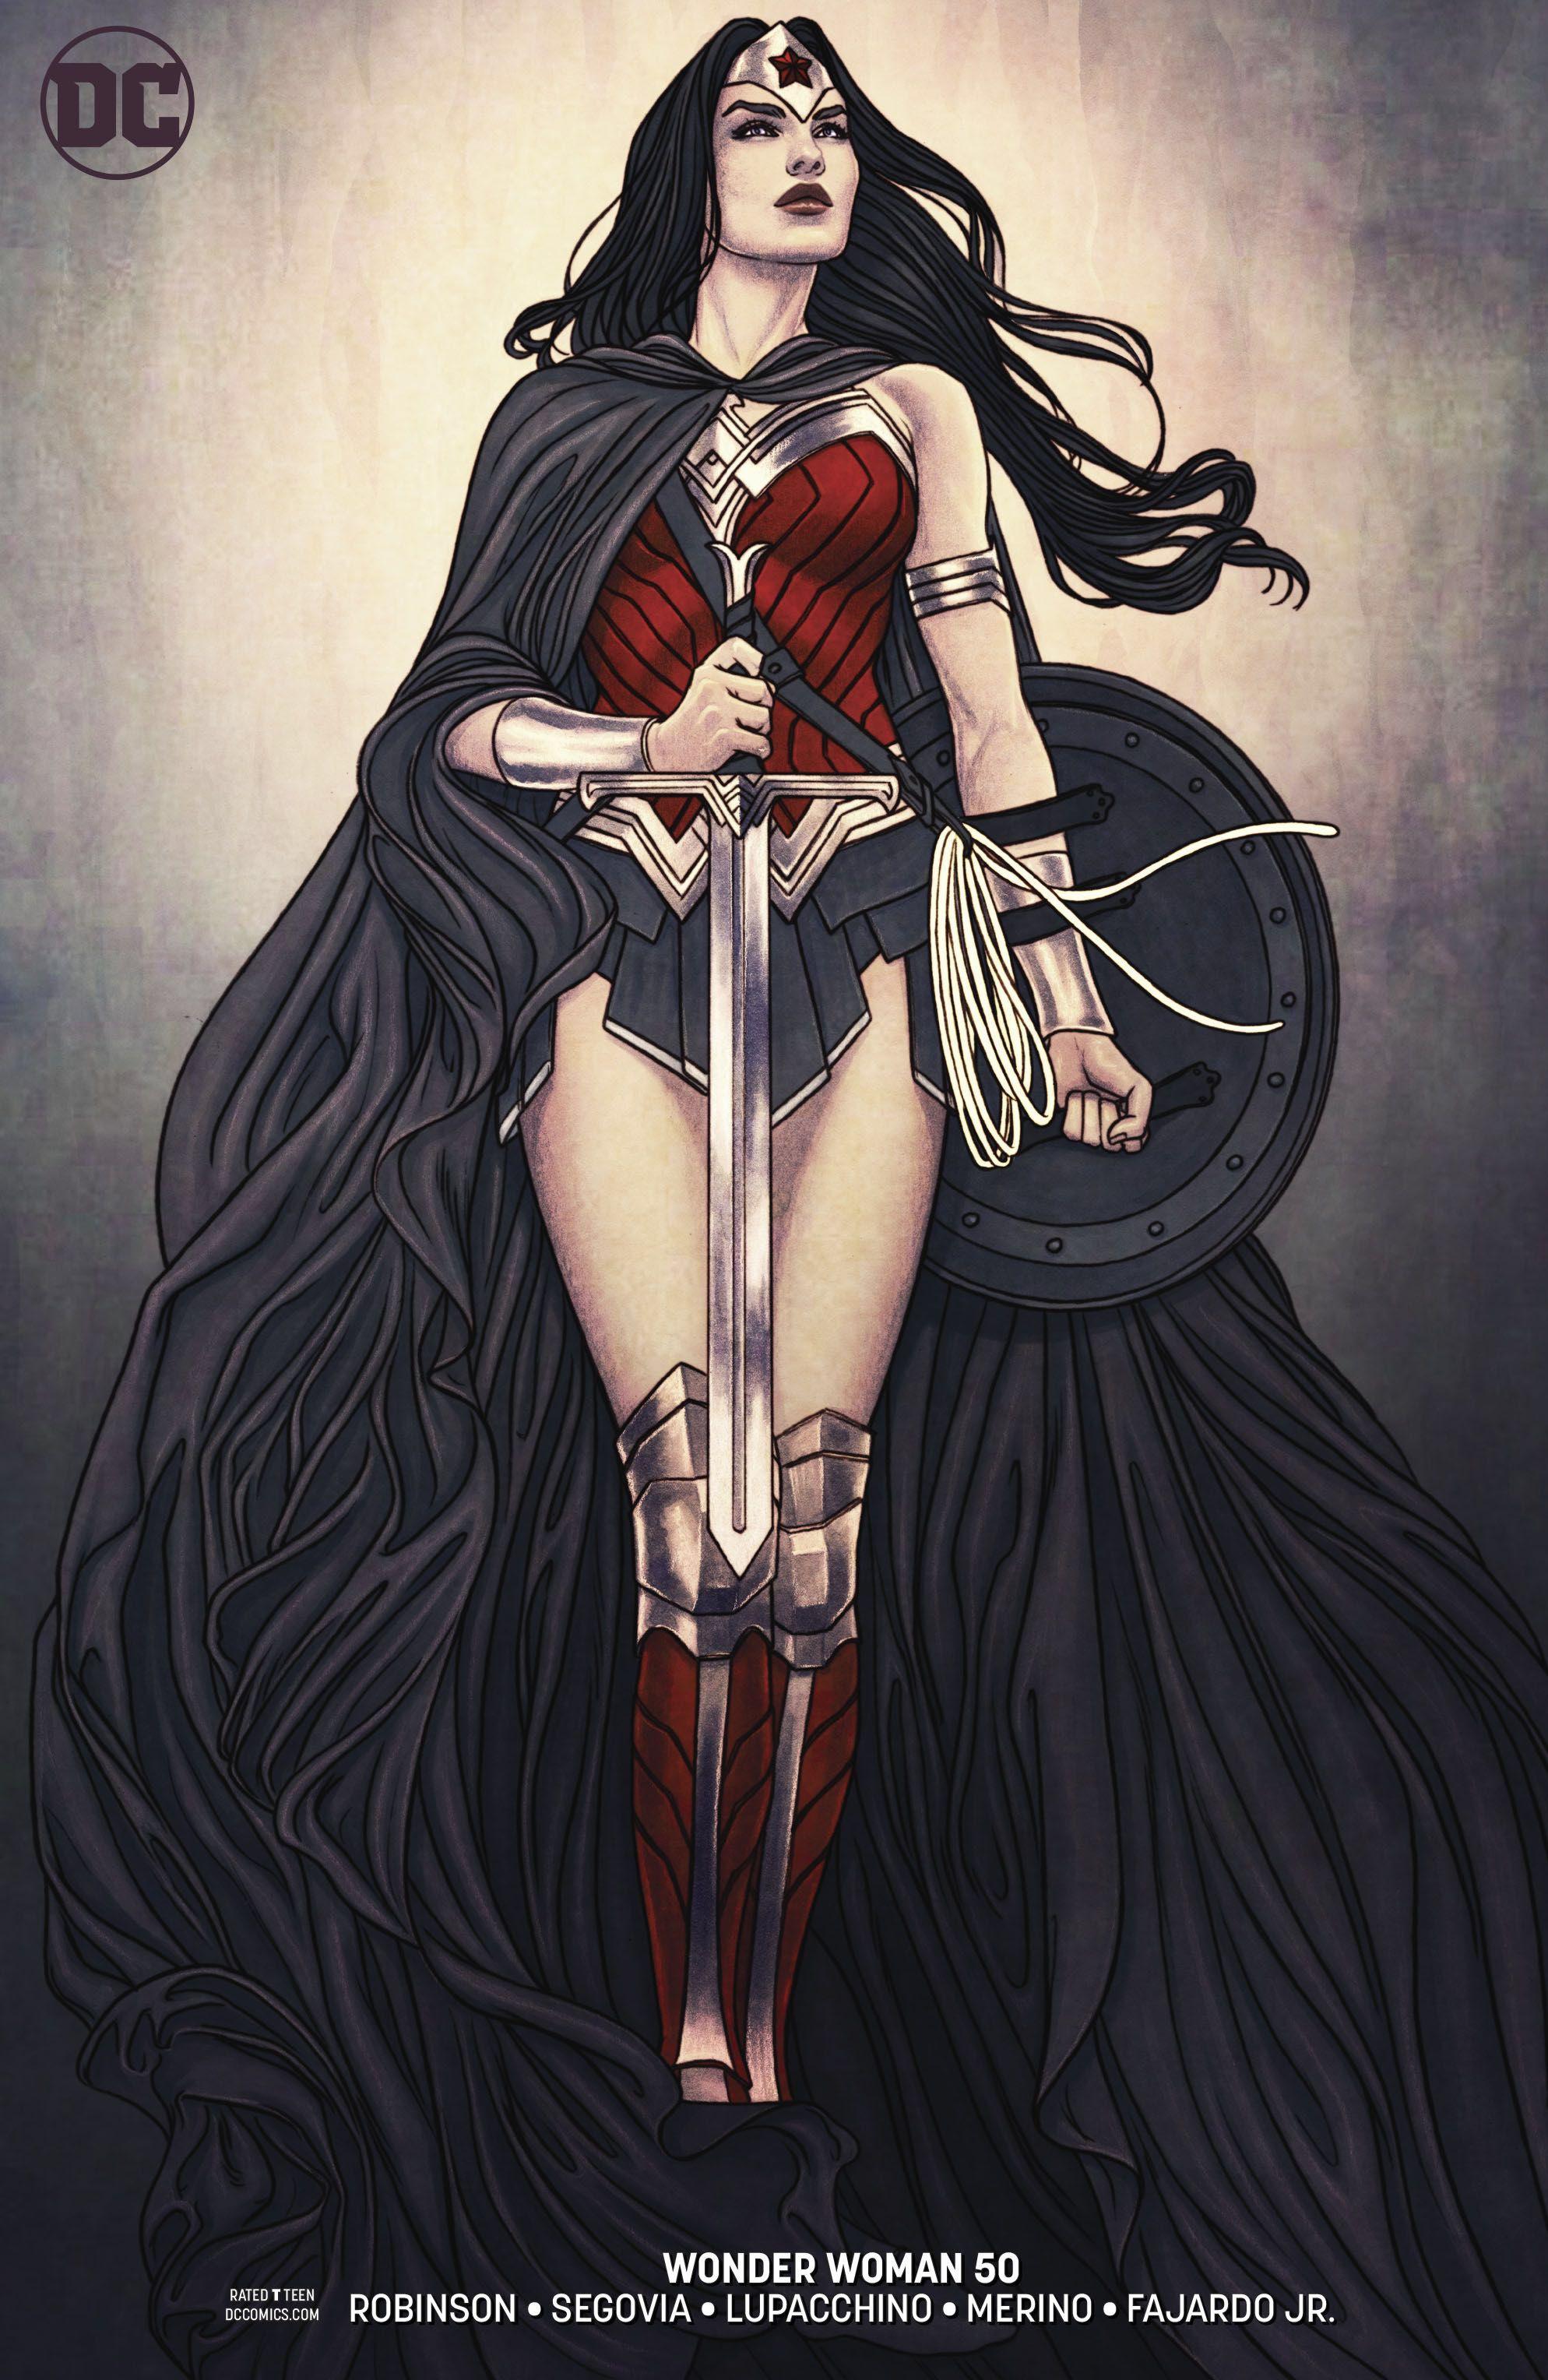 Wonder Woman 50 Jenny Frison Wonder Woman Comic Wonder Woman Drawing Wonder Woman Art